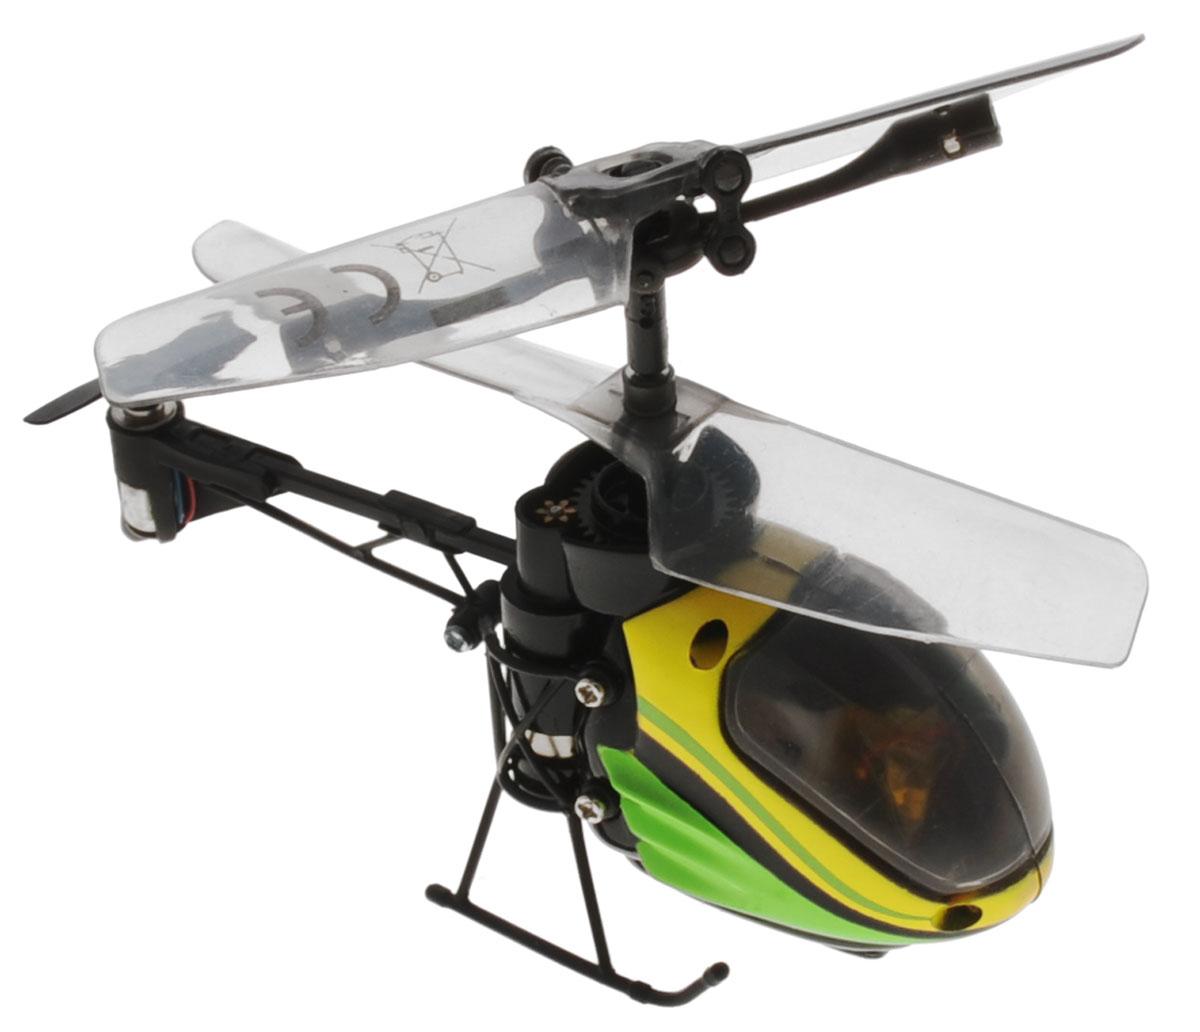 Silverlit Вертолет на радиоуправлении Nano Falcon цвет салатовый желтый